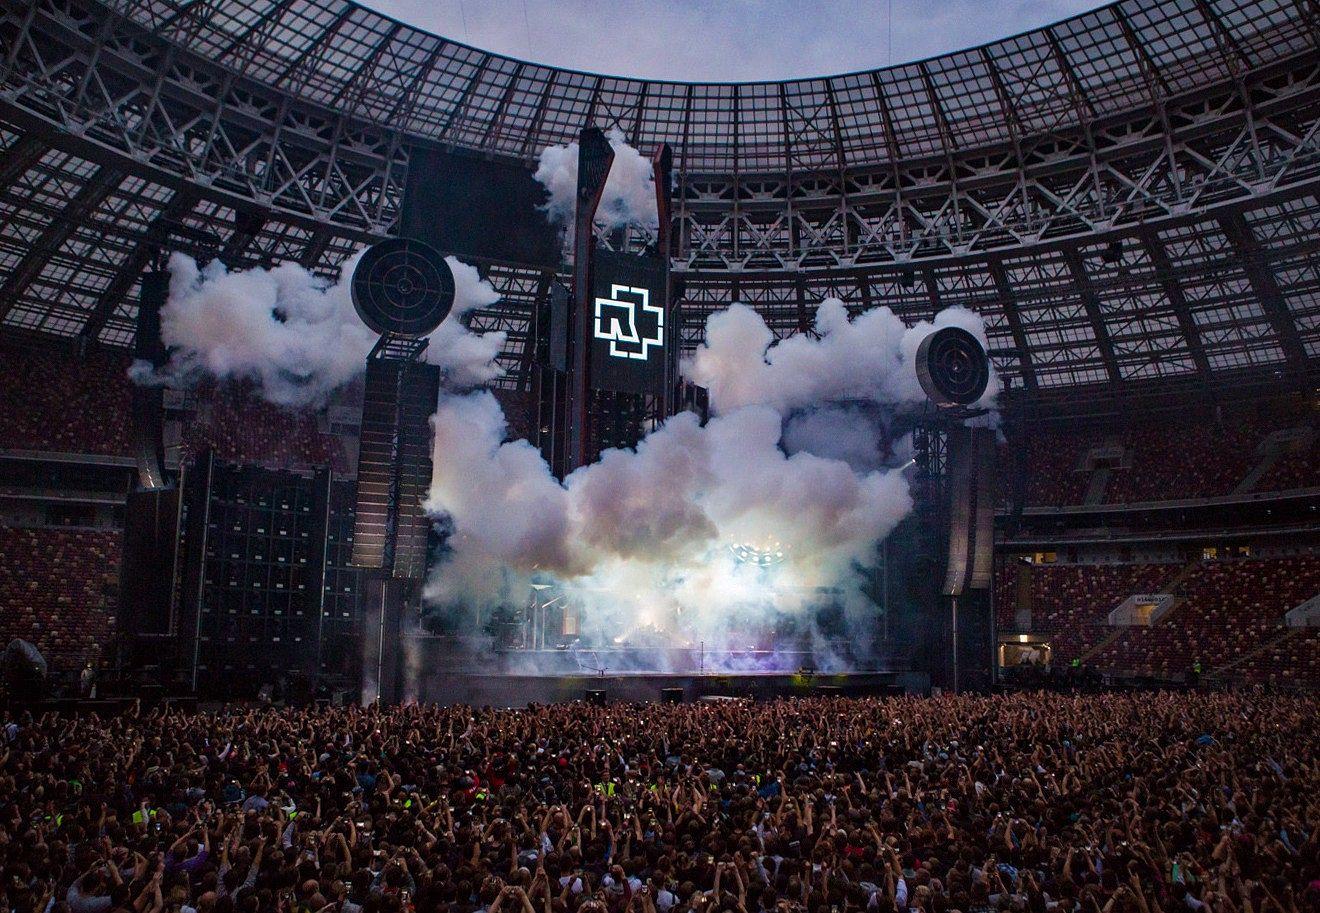 Концерт Rammstein на БСА «Лужники» в 2019 году. Фото: Роман Мовляшев/TCI